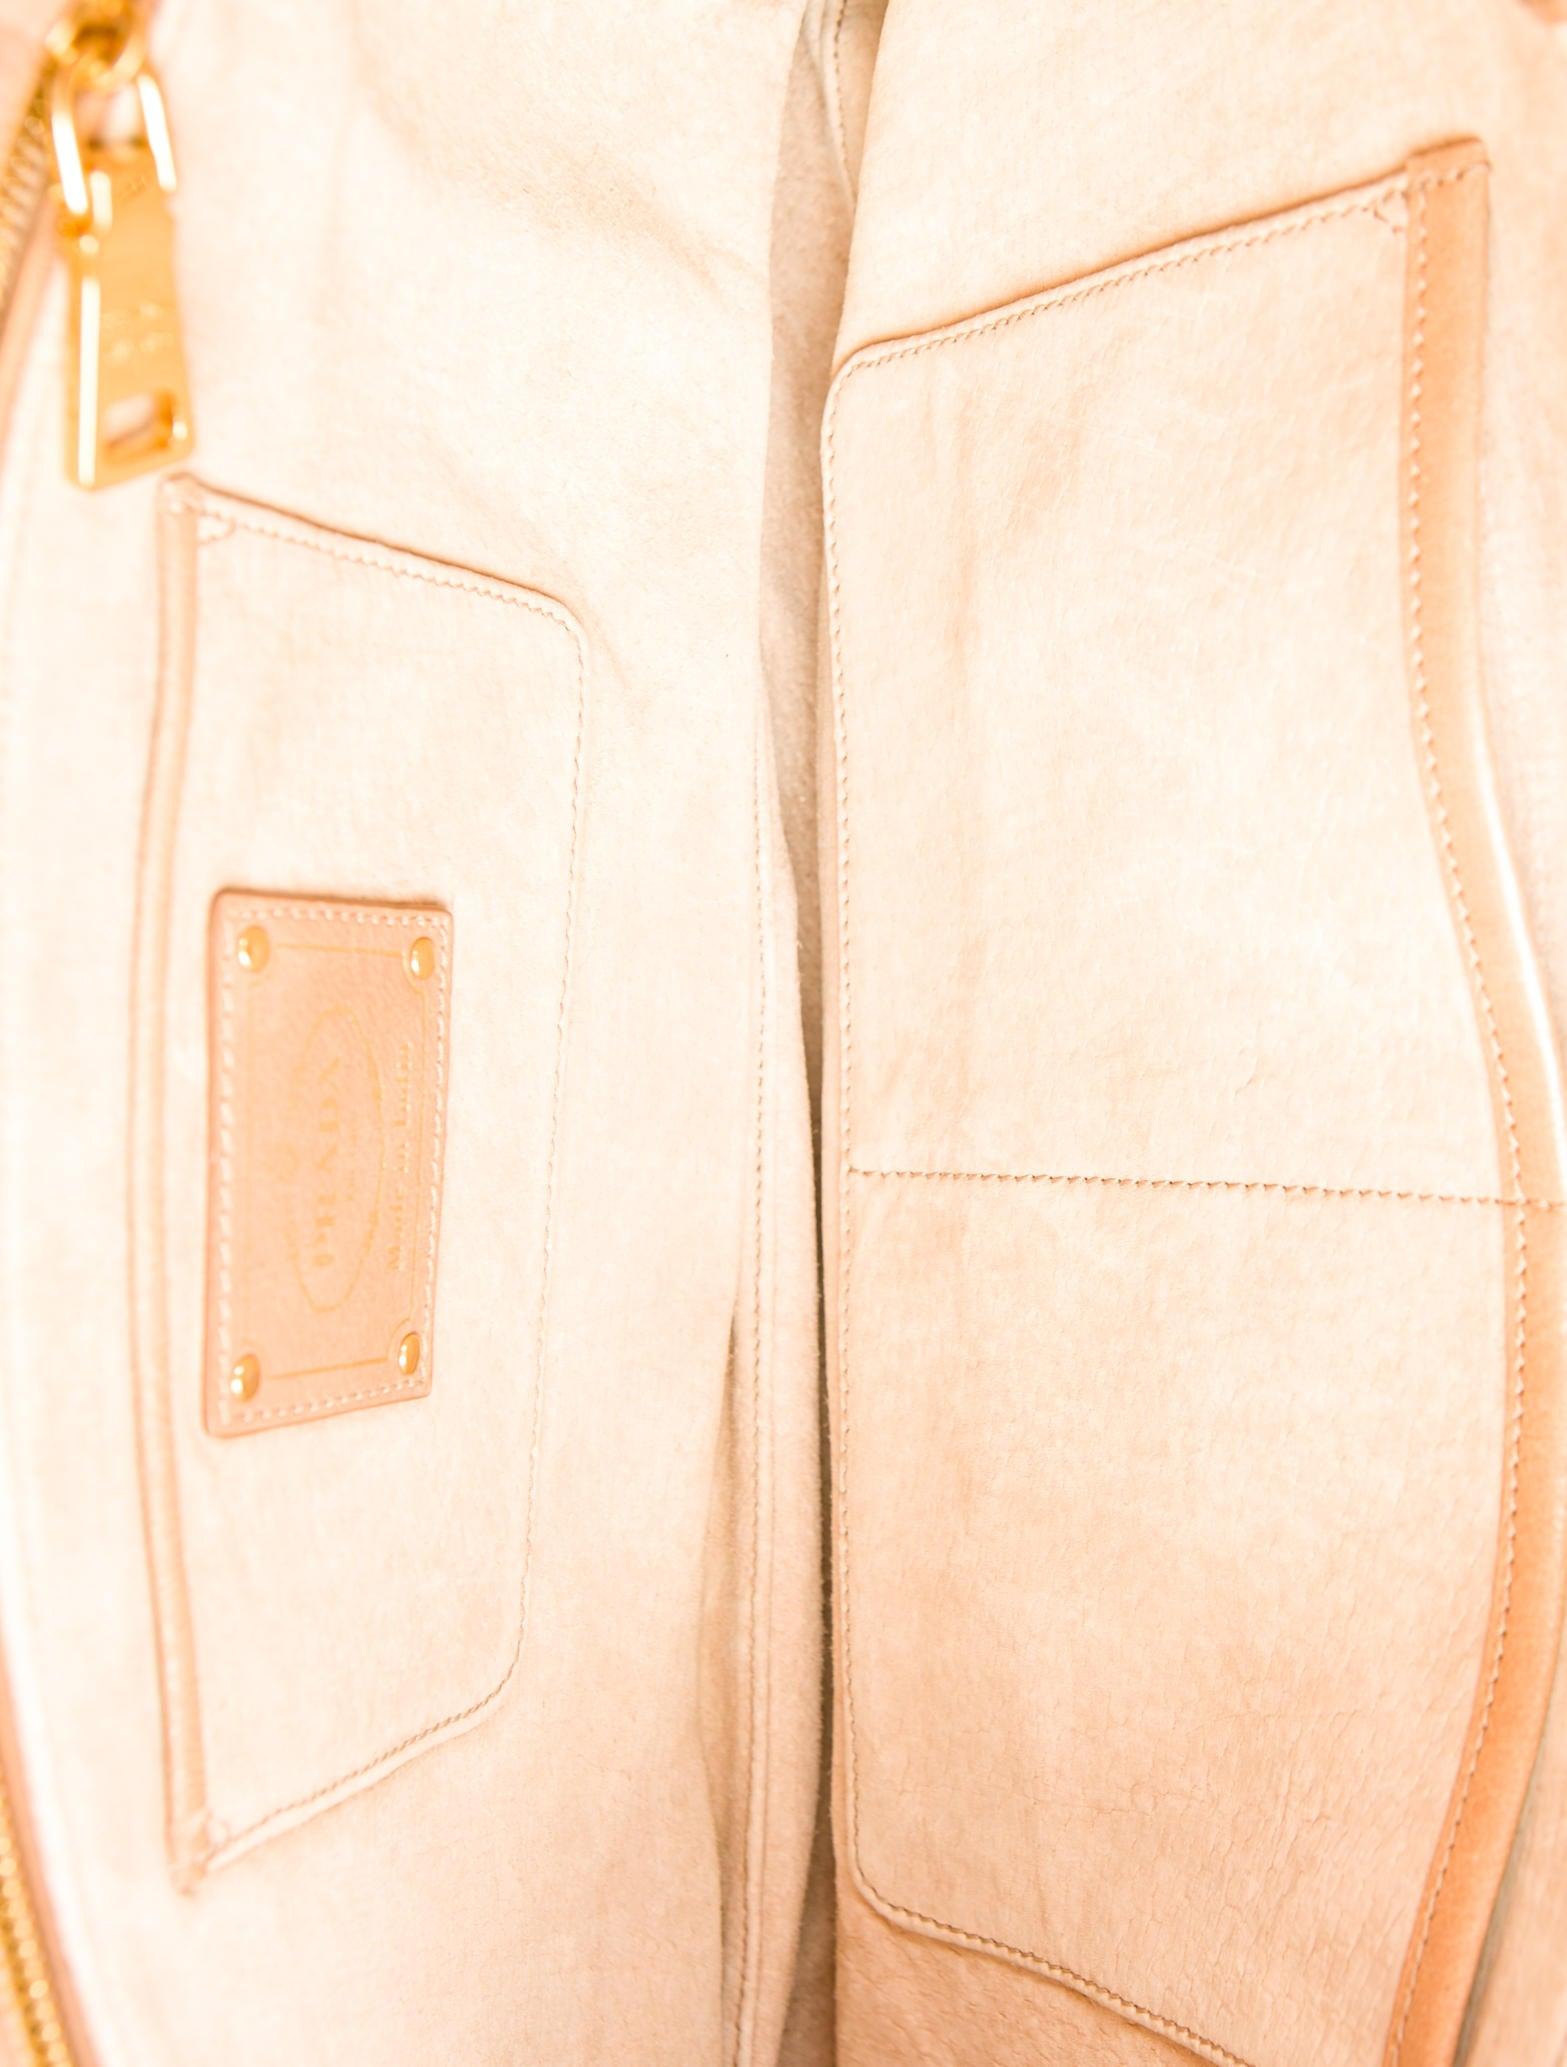 prada bag fake - prada madras clutch, prada saffiano leather wallet red